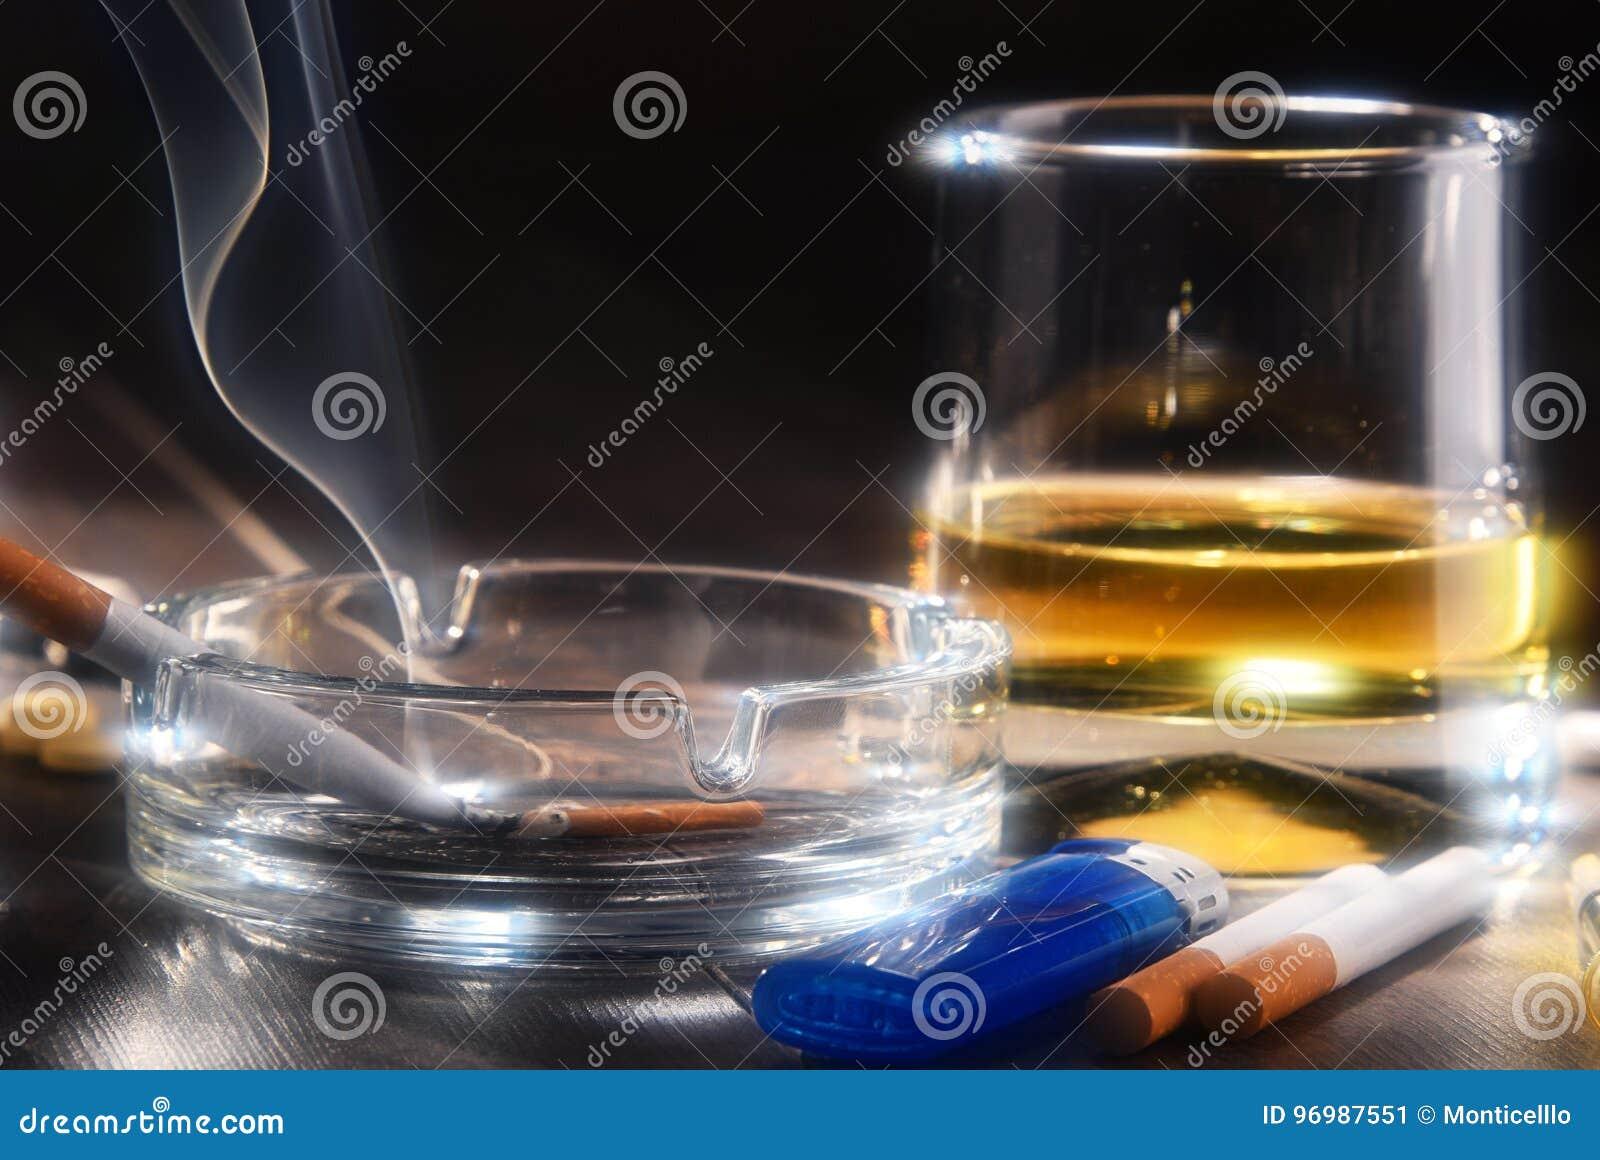 致瘾物质,包括酒精和香烟